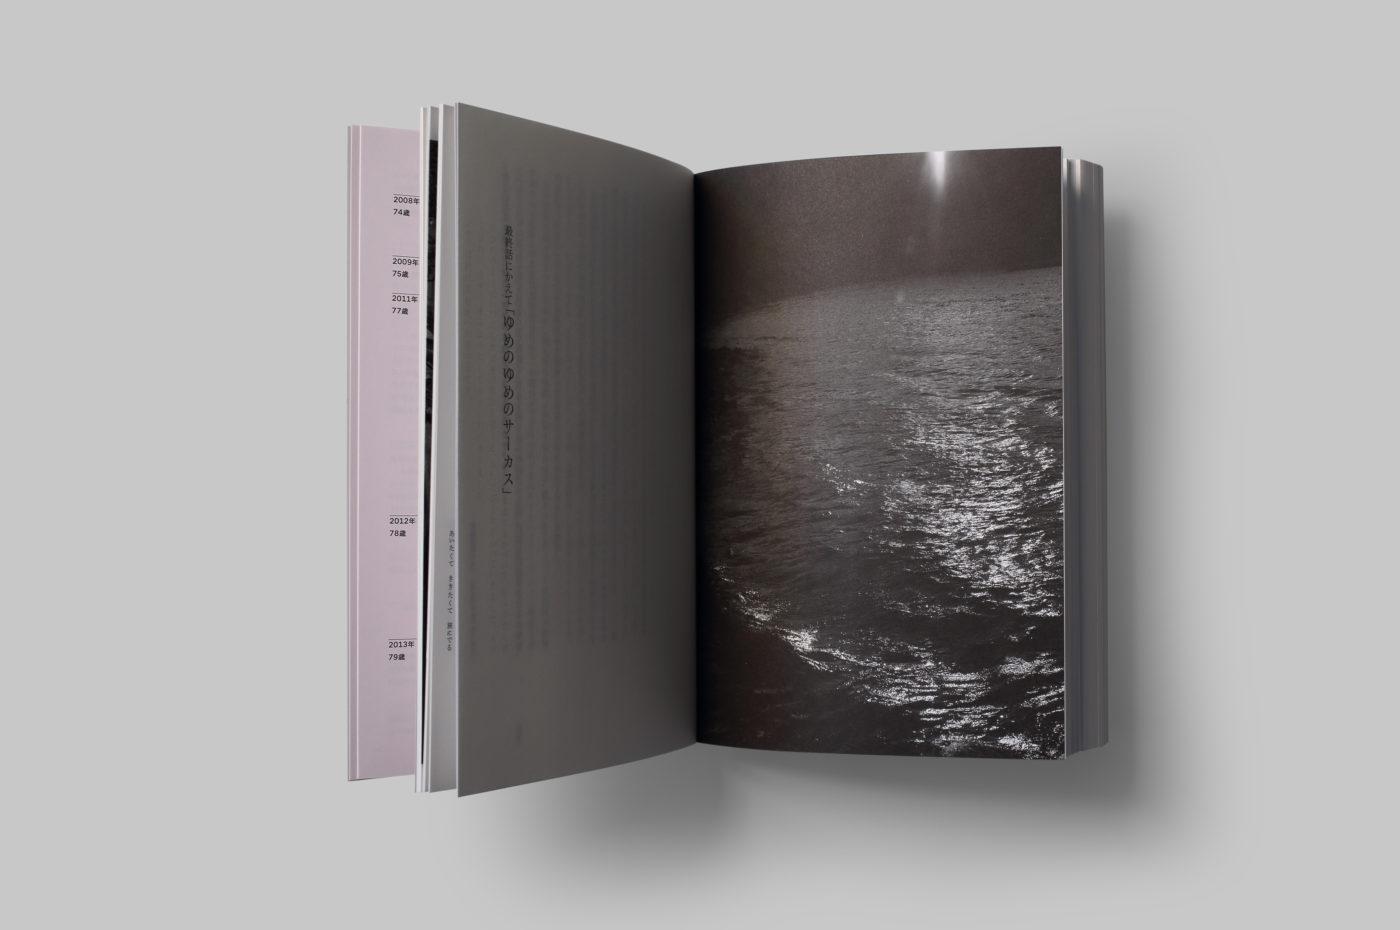 民話採訪者・小野和子の新著『あいたくて ききたくて 旅にでる』の刊行記念トーク、LVDB BOOKSにて